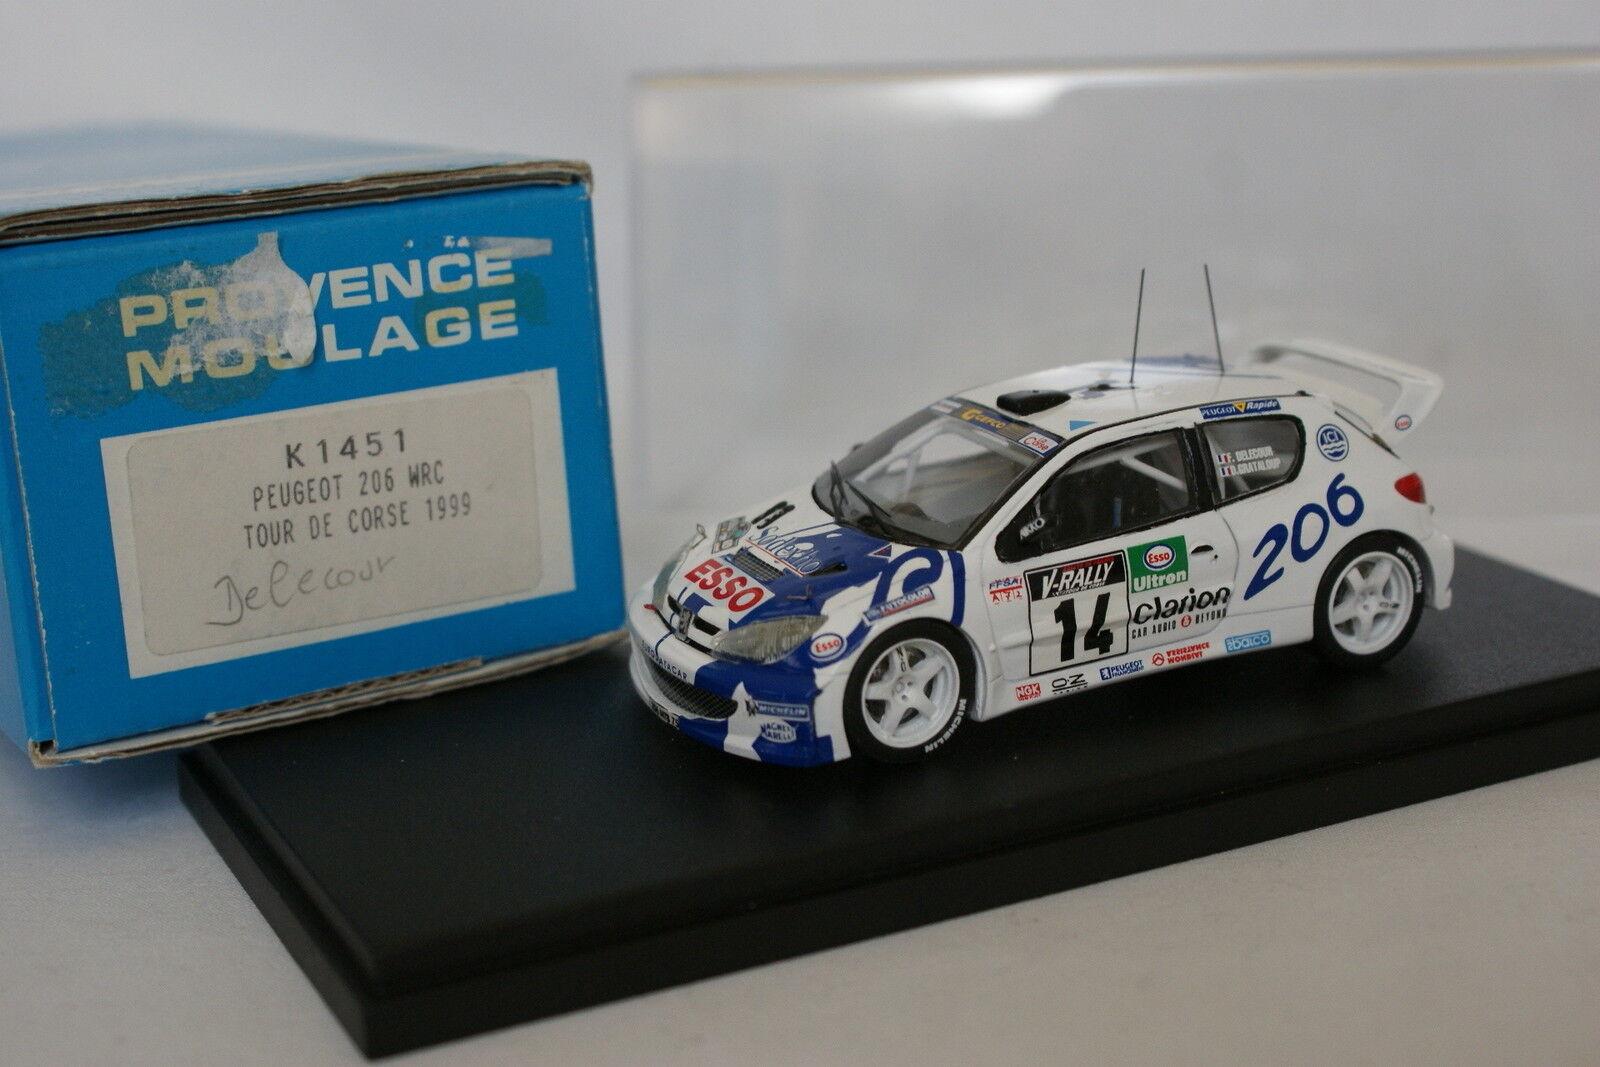 Provence Moulage Kit Montado 1 43 - Peugeot 206 WRC Tour de Córcega 1999 N º 14